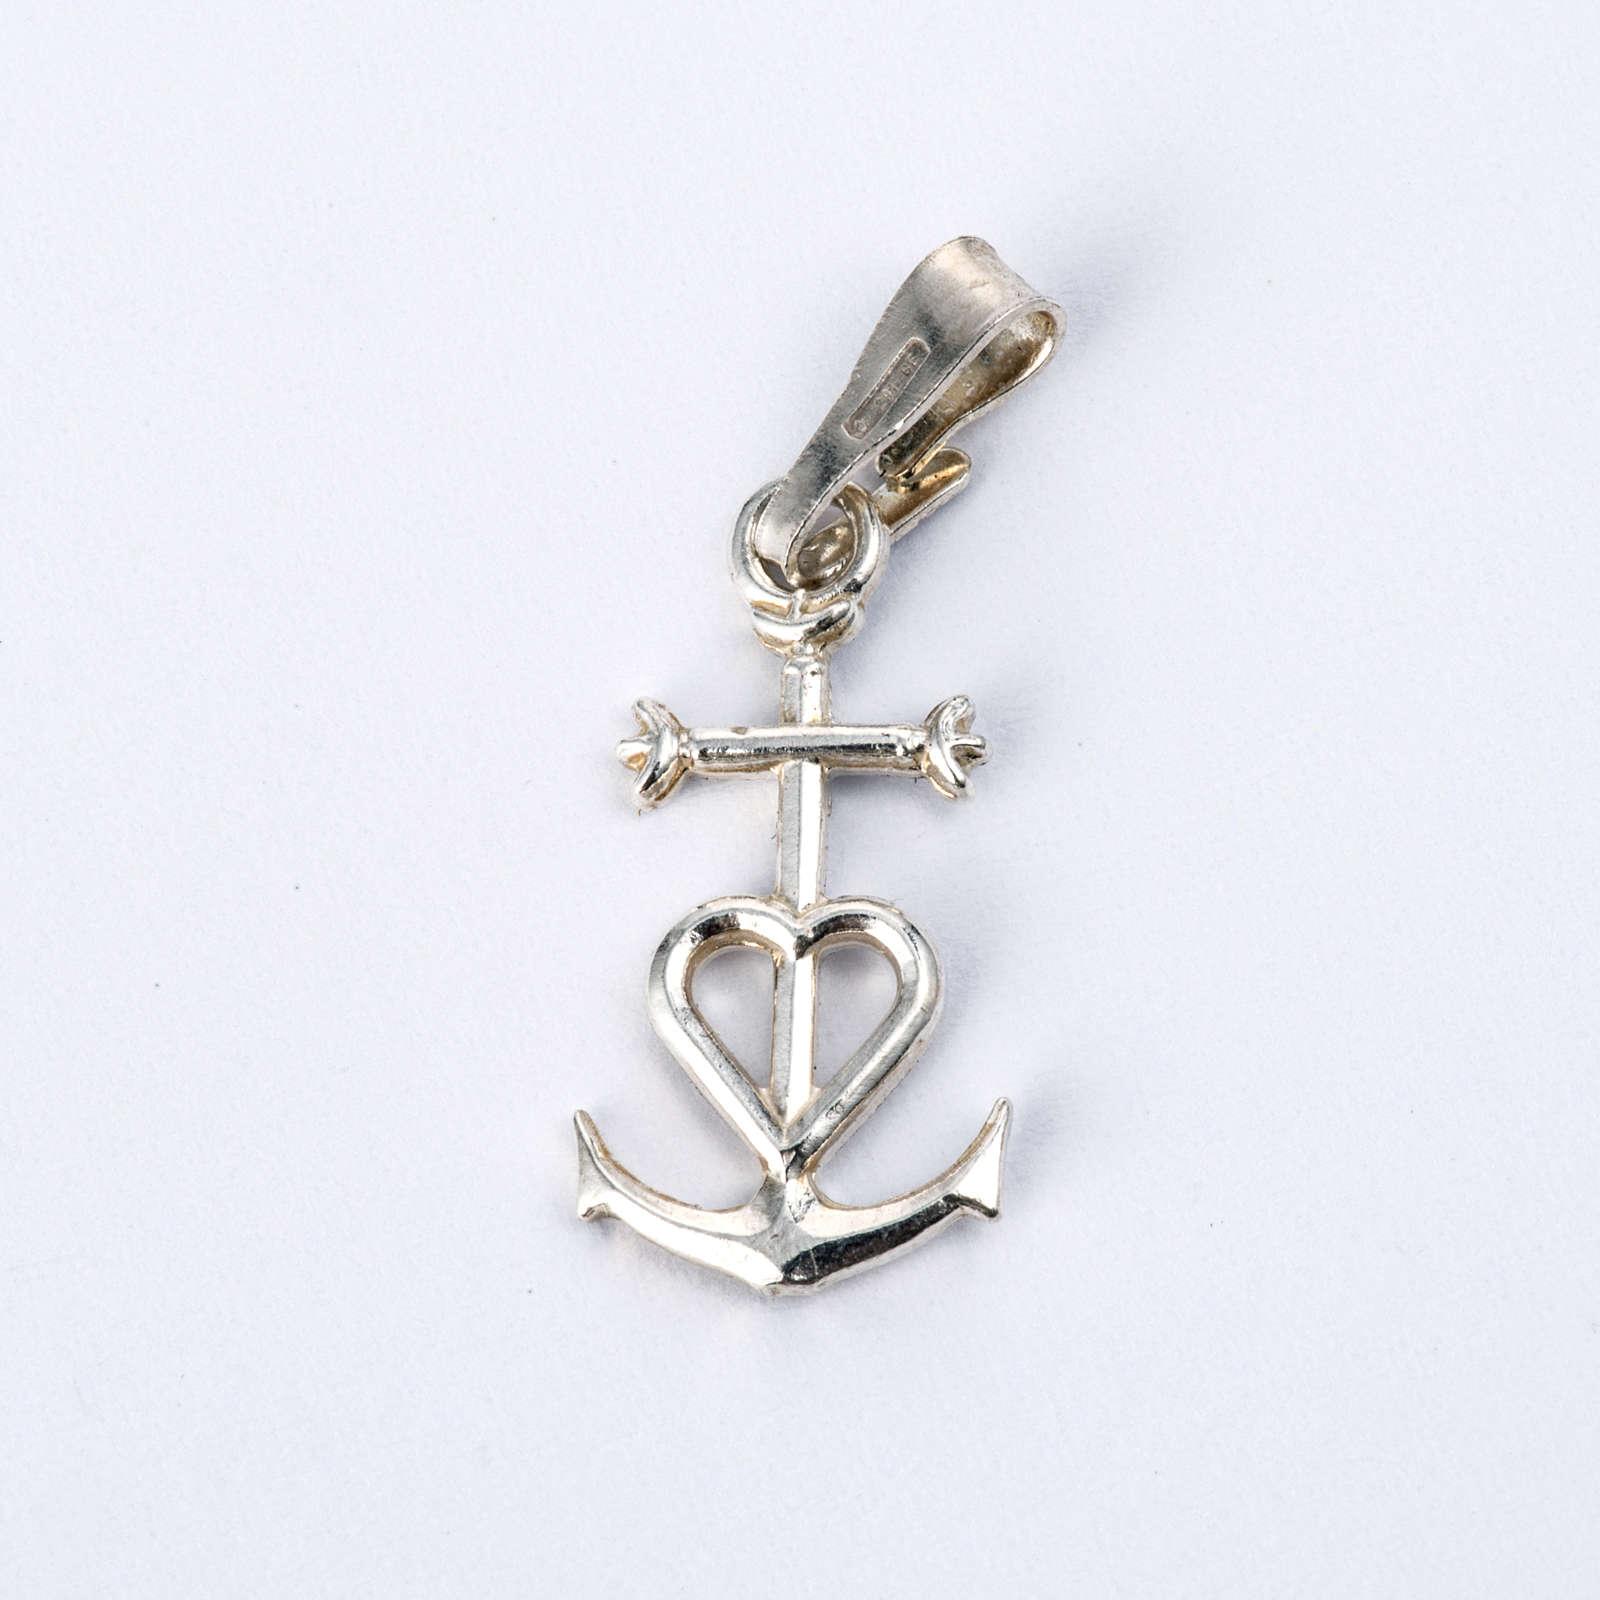 Zawieszka wiara nadzieja miłość srebro 925 4